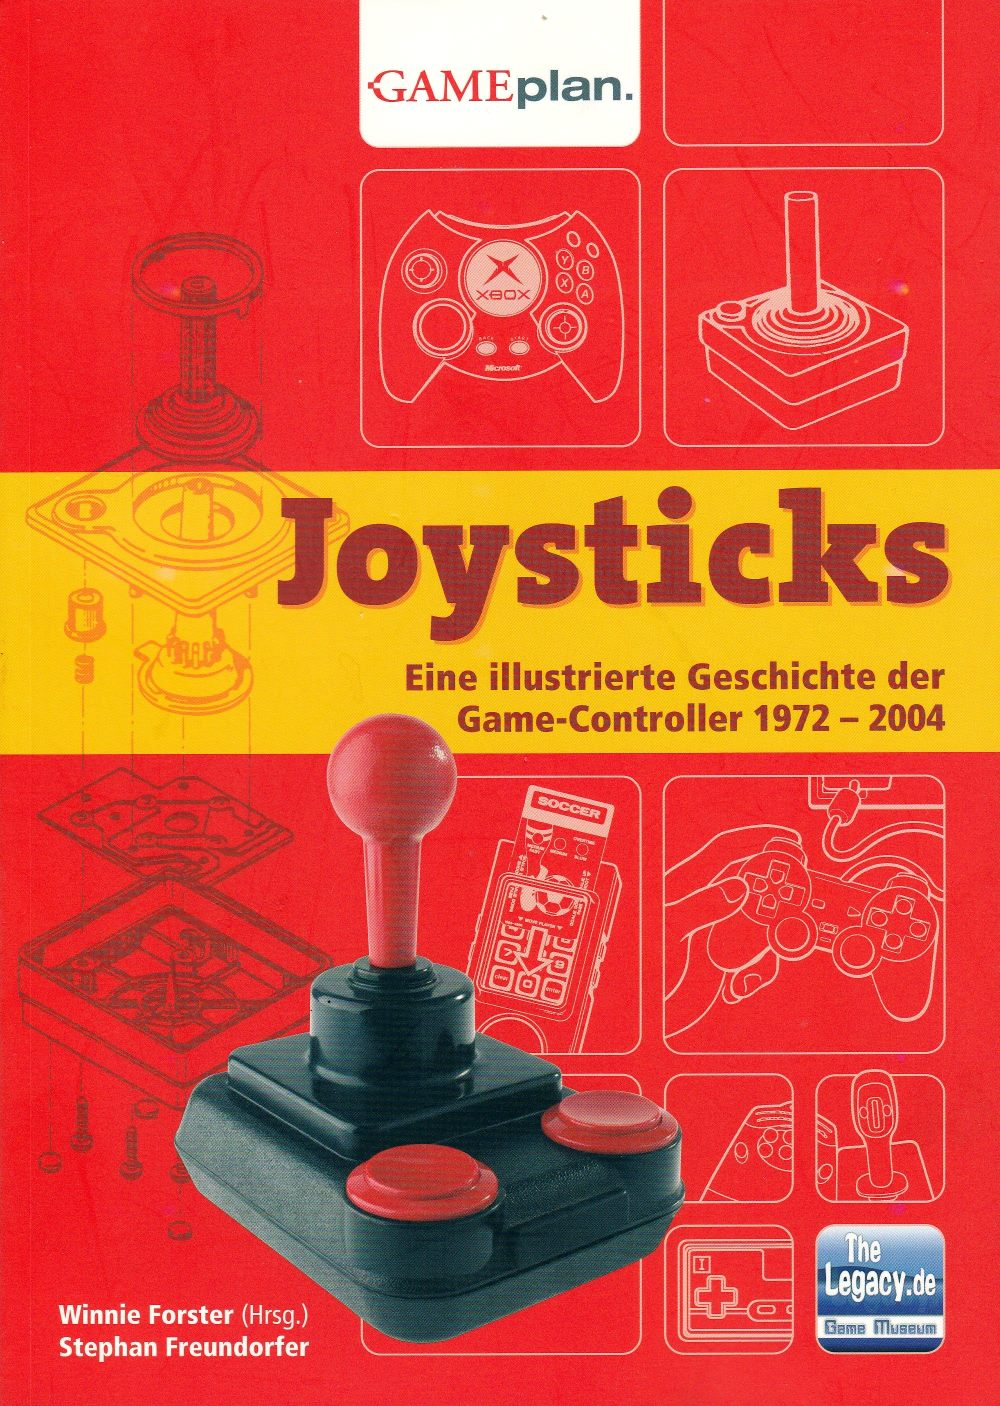 Joysticks: Eine illustrierte Geschichte der Game-Controller